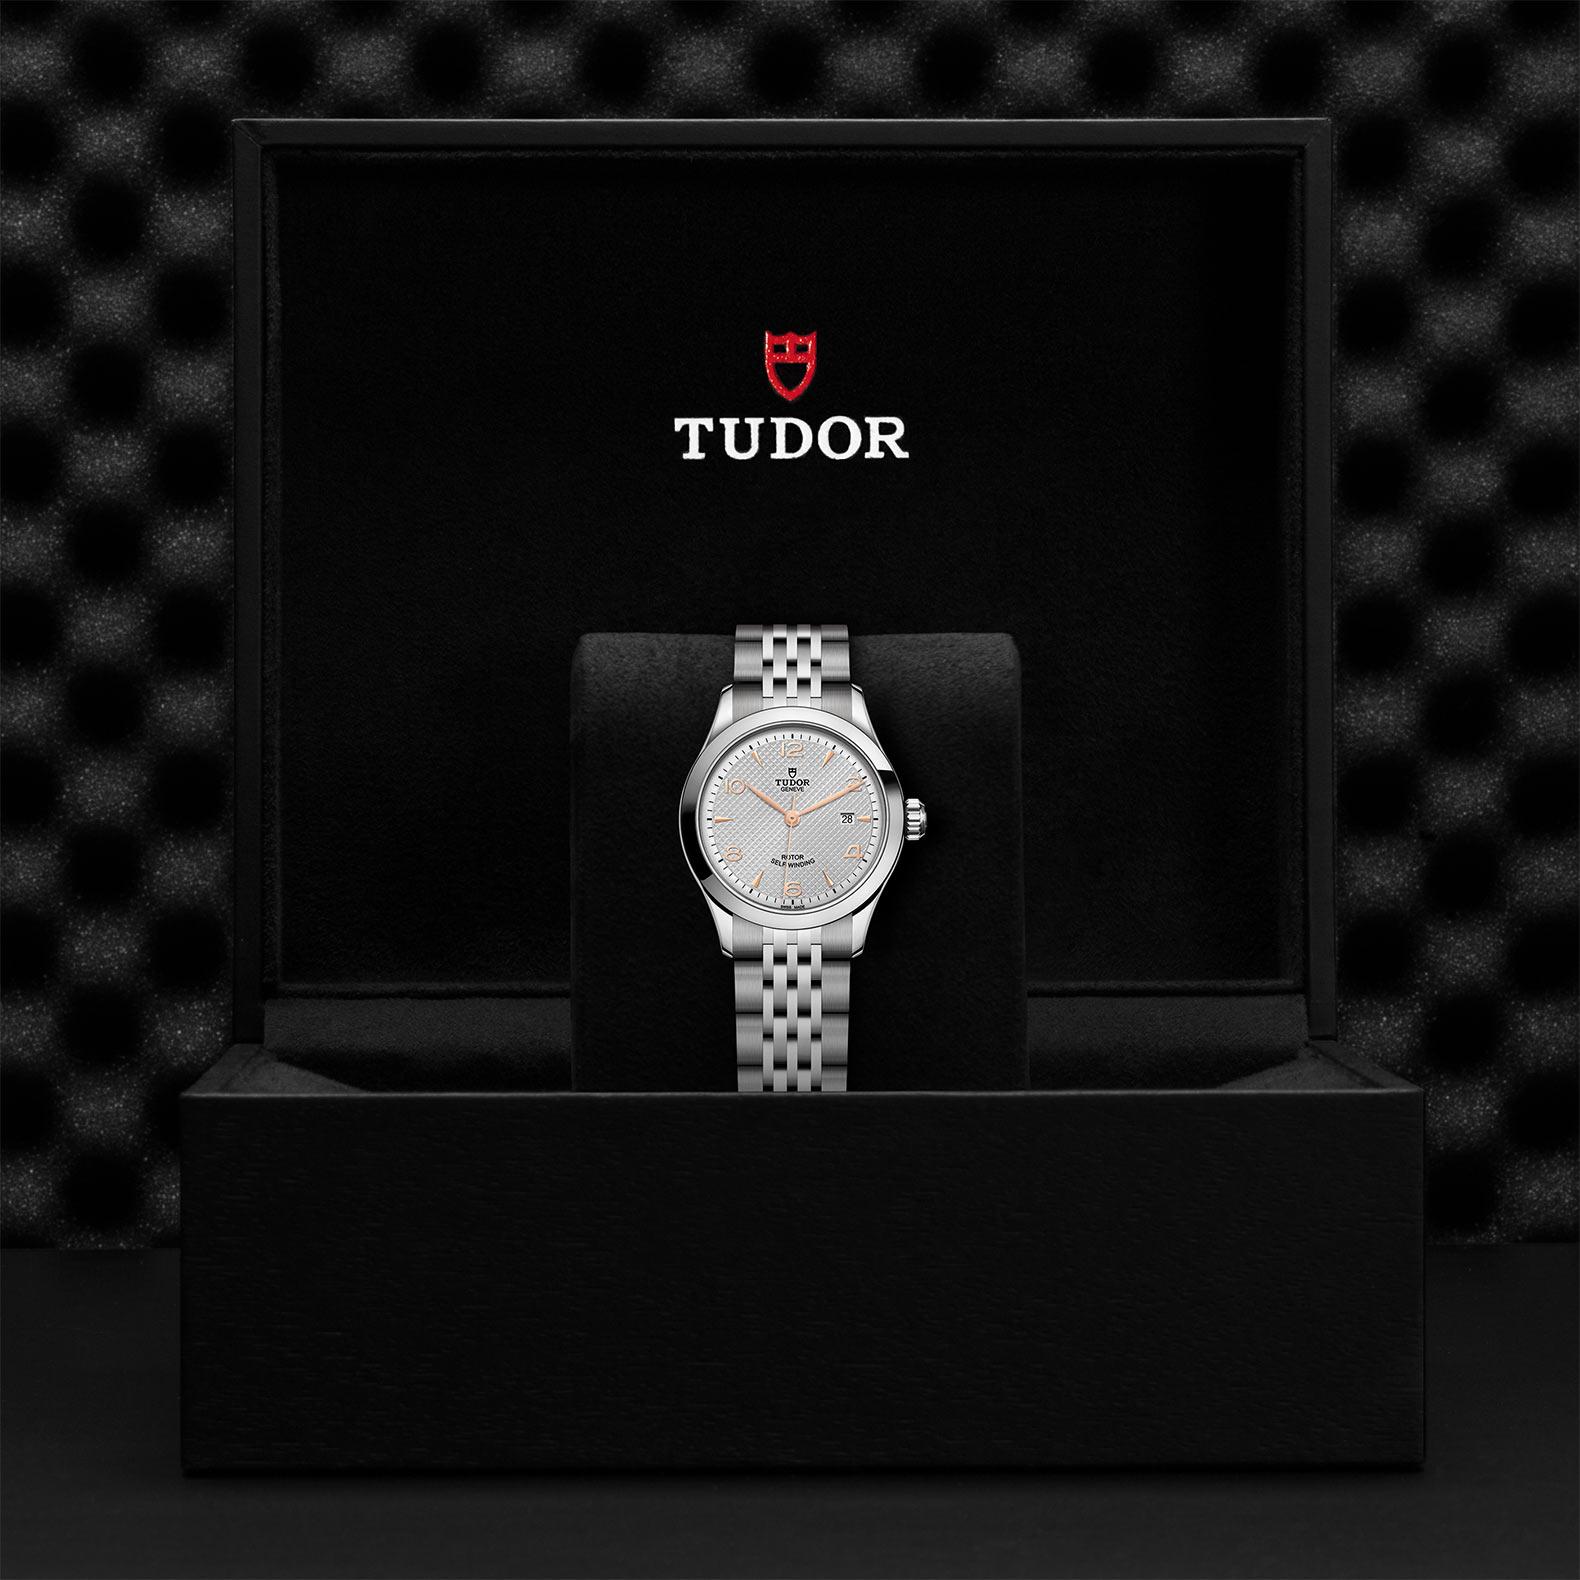 TUDOR 1926 M91350 0001 Presentation